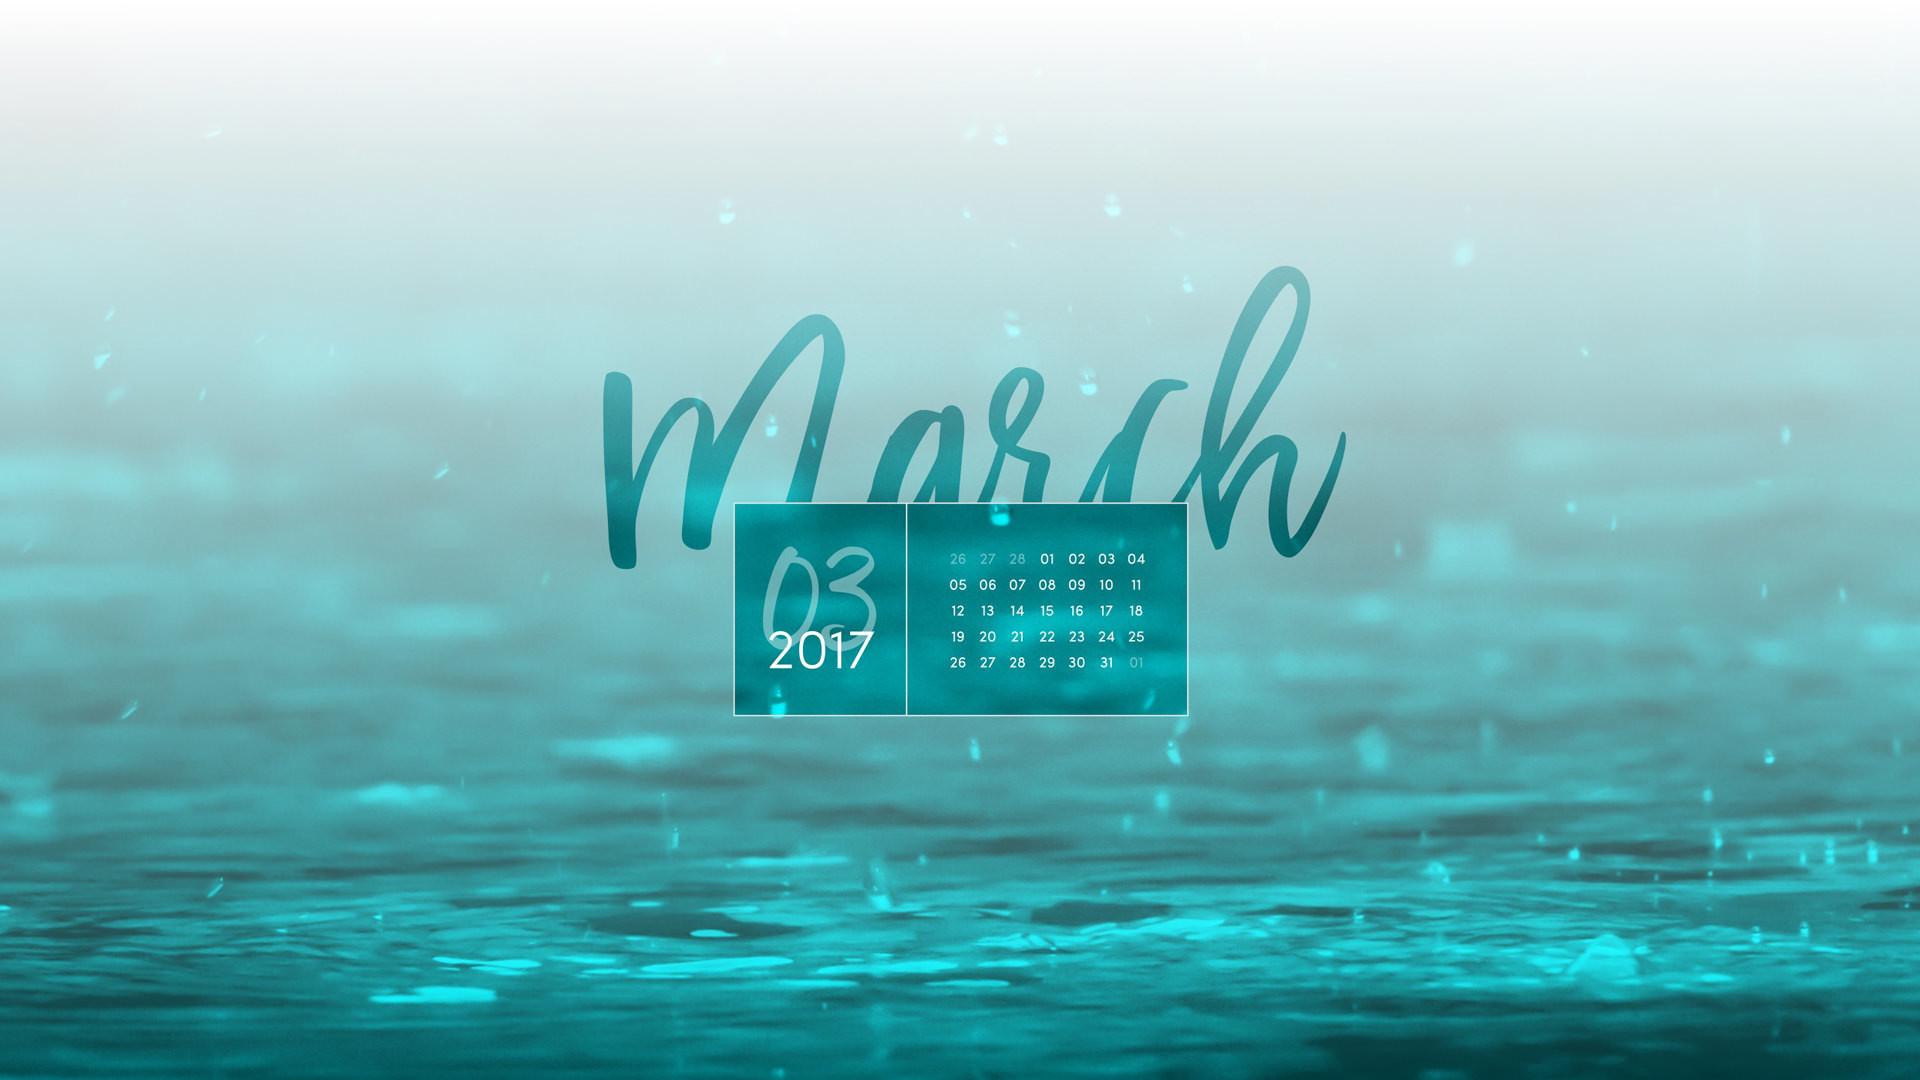 March Calendar Wallpaper Hd : March calendar wallpaper images